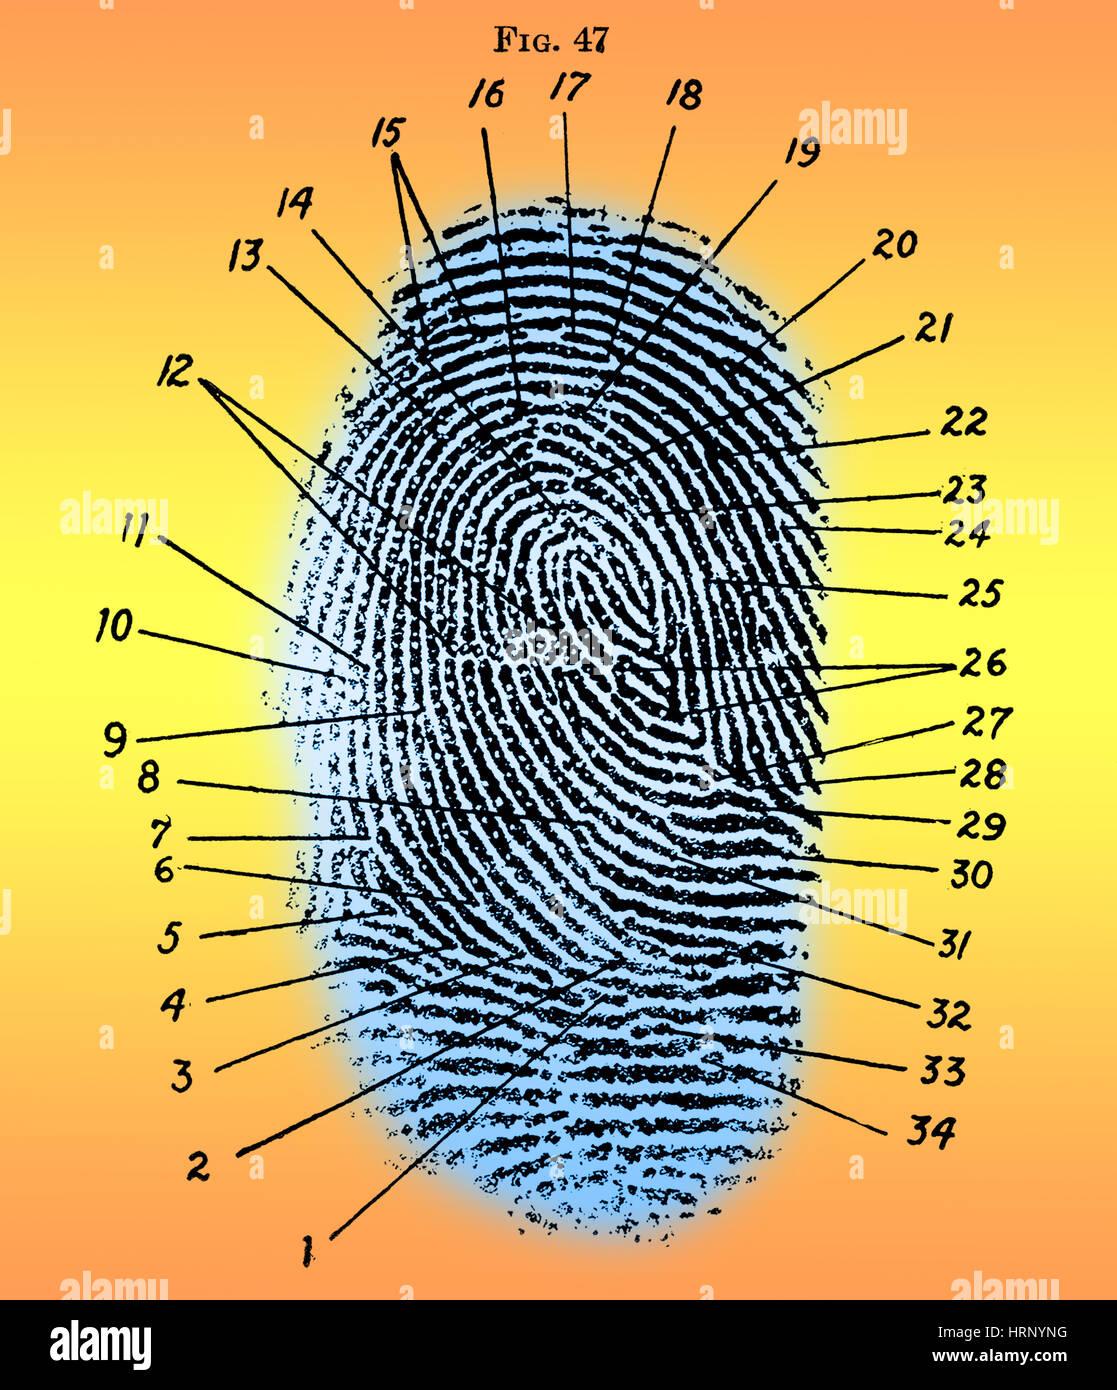 Schema di impronte digitali, 1940 Immagini Stock